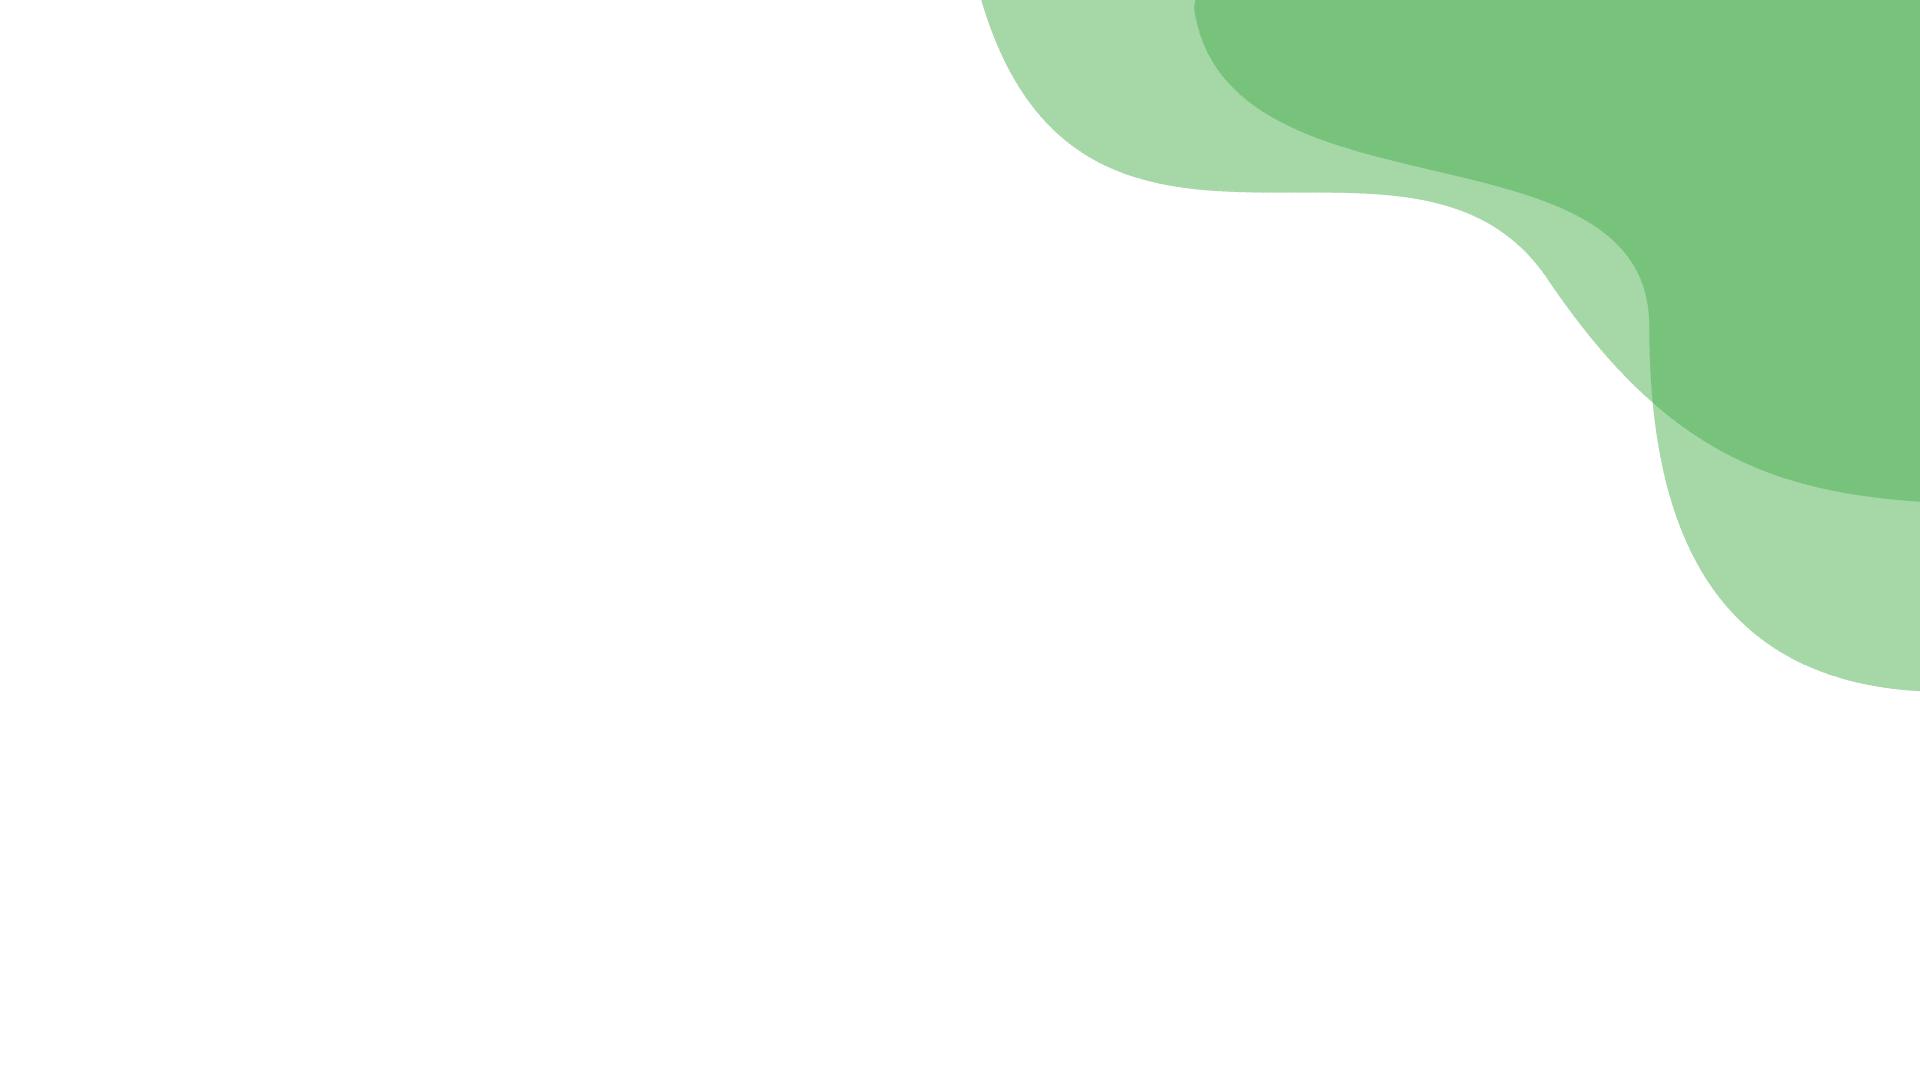 background verde-min